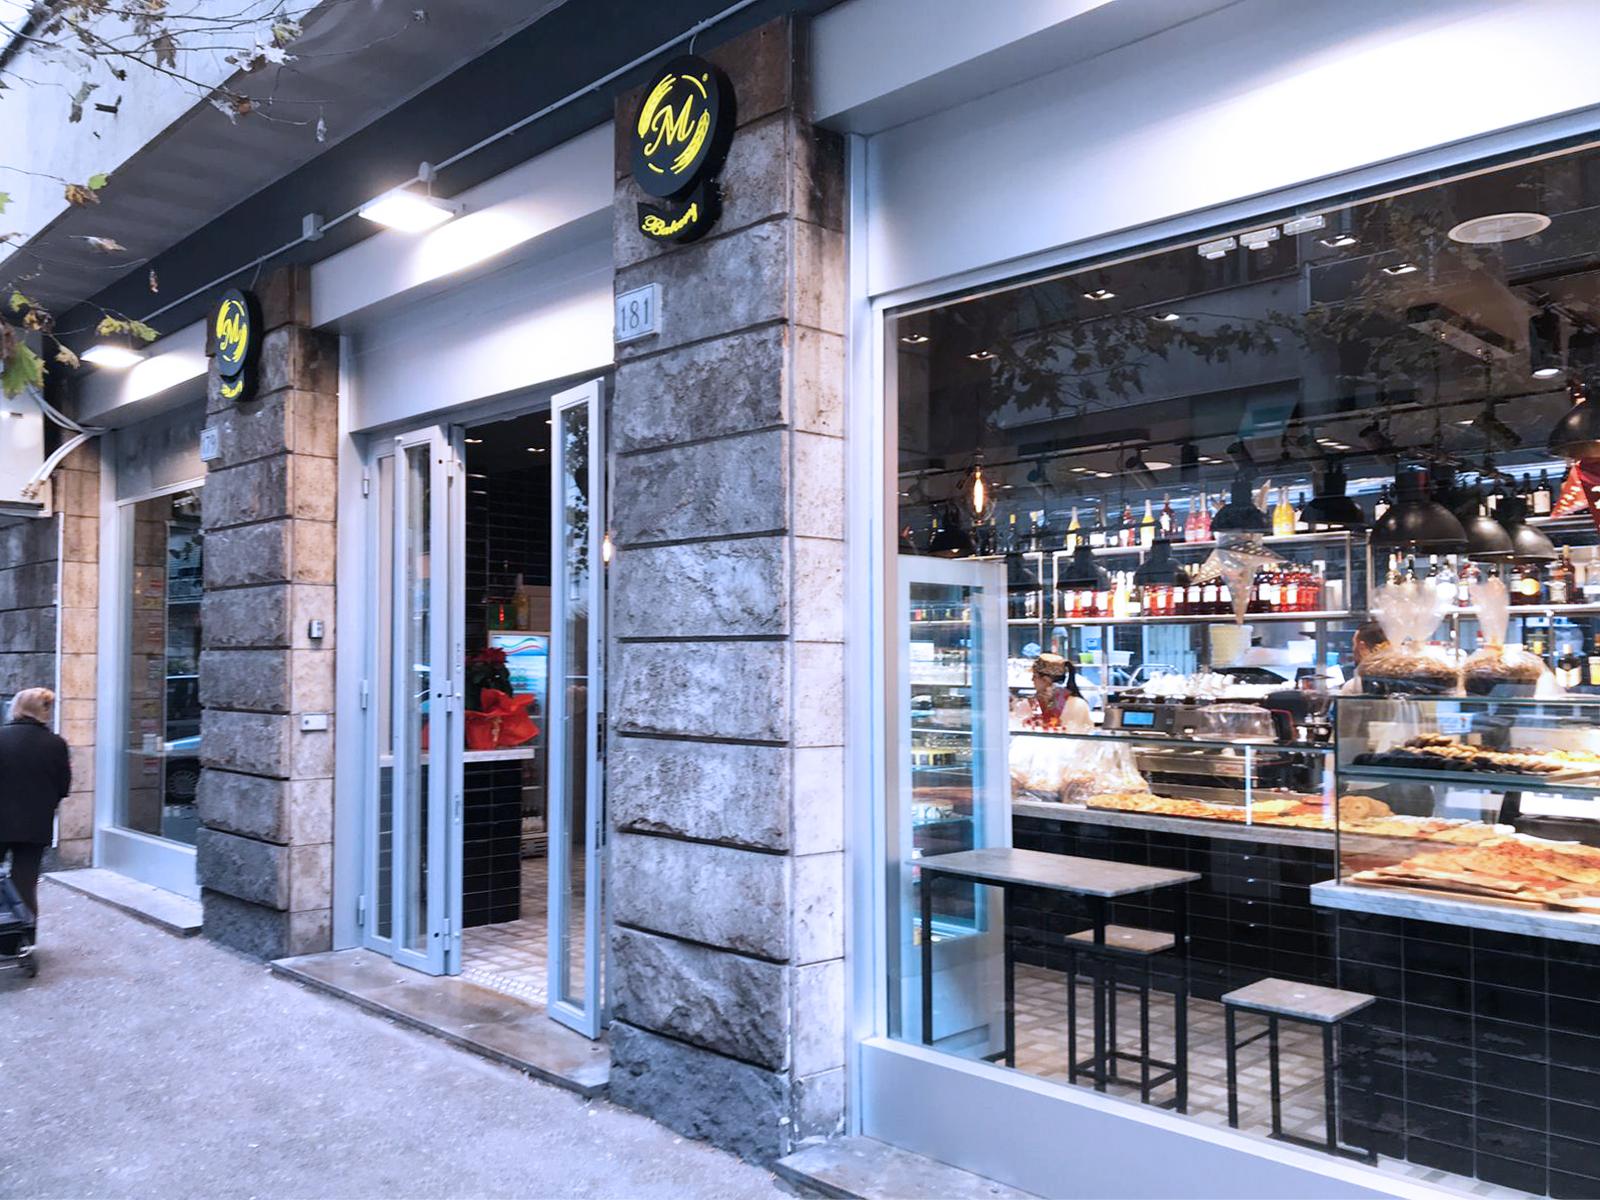 bakery m casal bertone